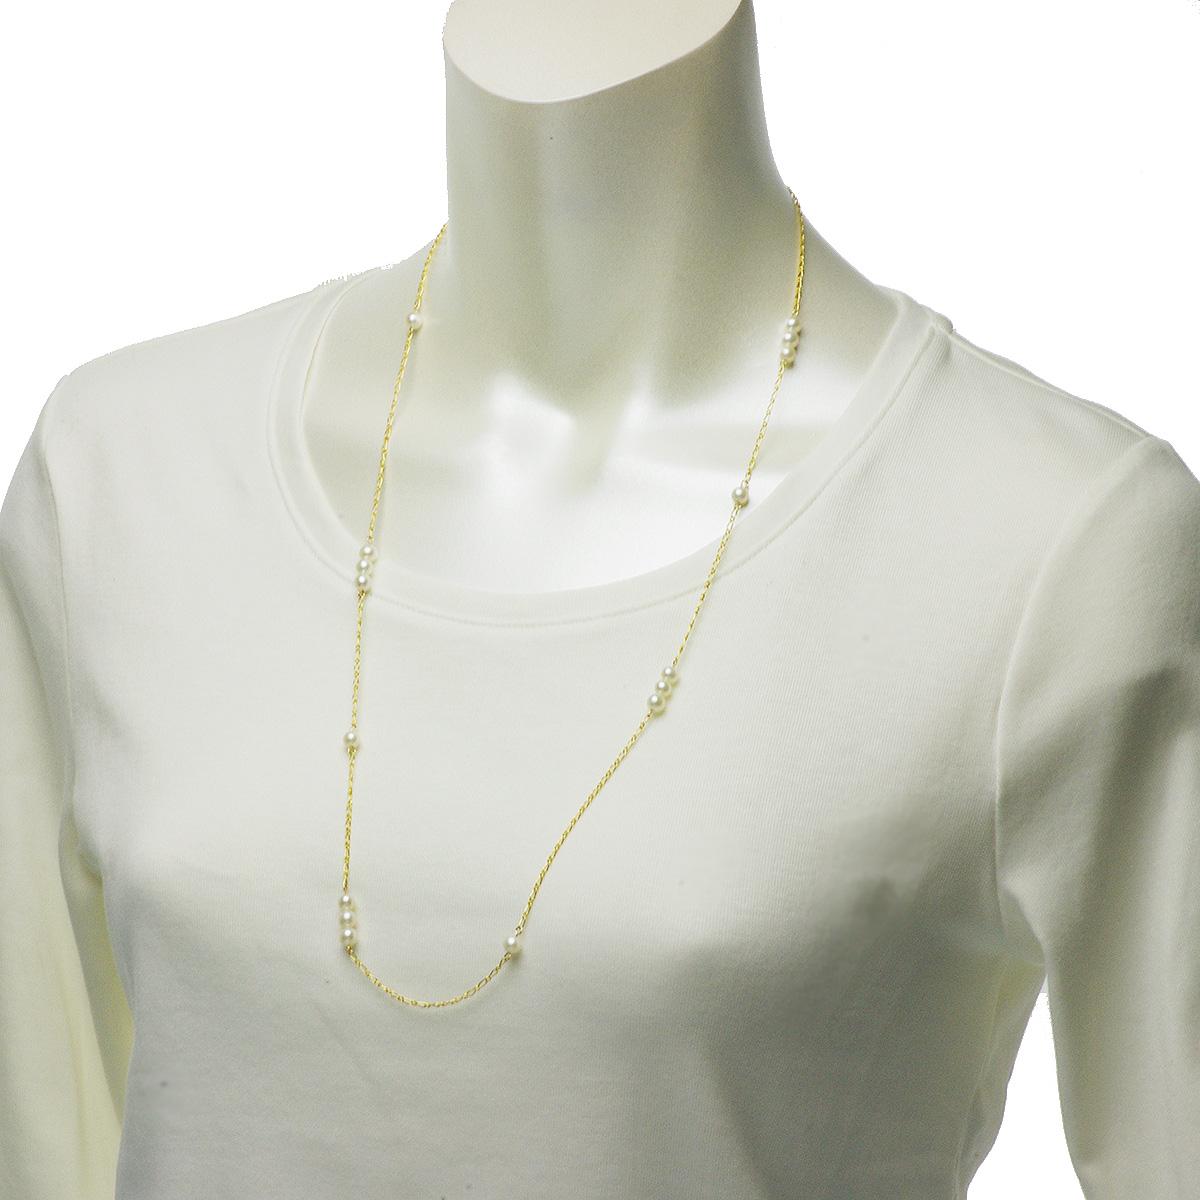 淡水 真珠 シンプル パール ステーション ネックレス 5-5.5mm 14金 ゴールドフィールド K14GF ギフト プレゼントの写真